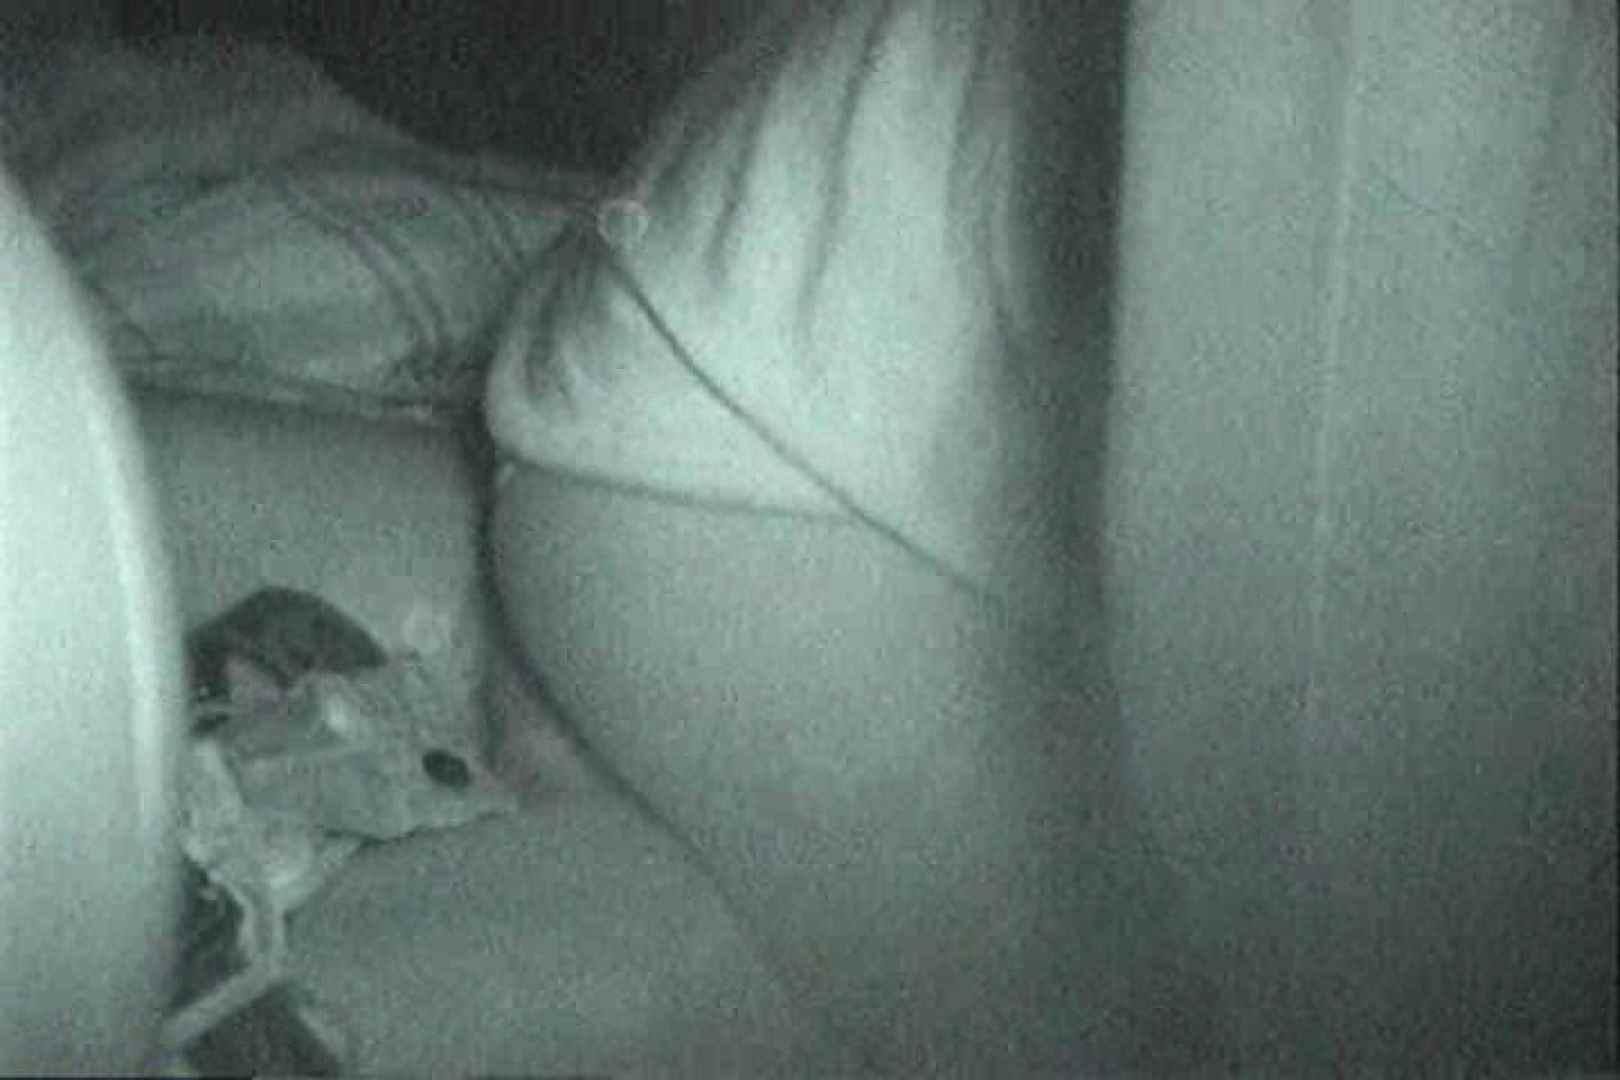 充血監督の深夜の運動会Vol.157 OLセックス   車  109画像 89